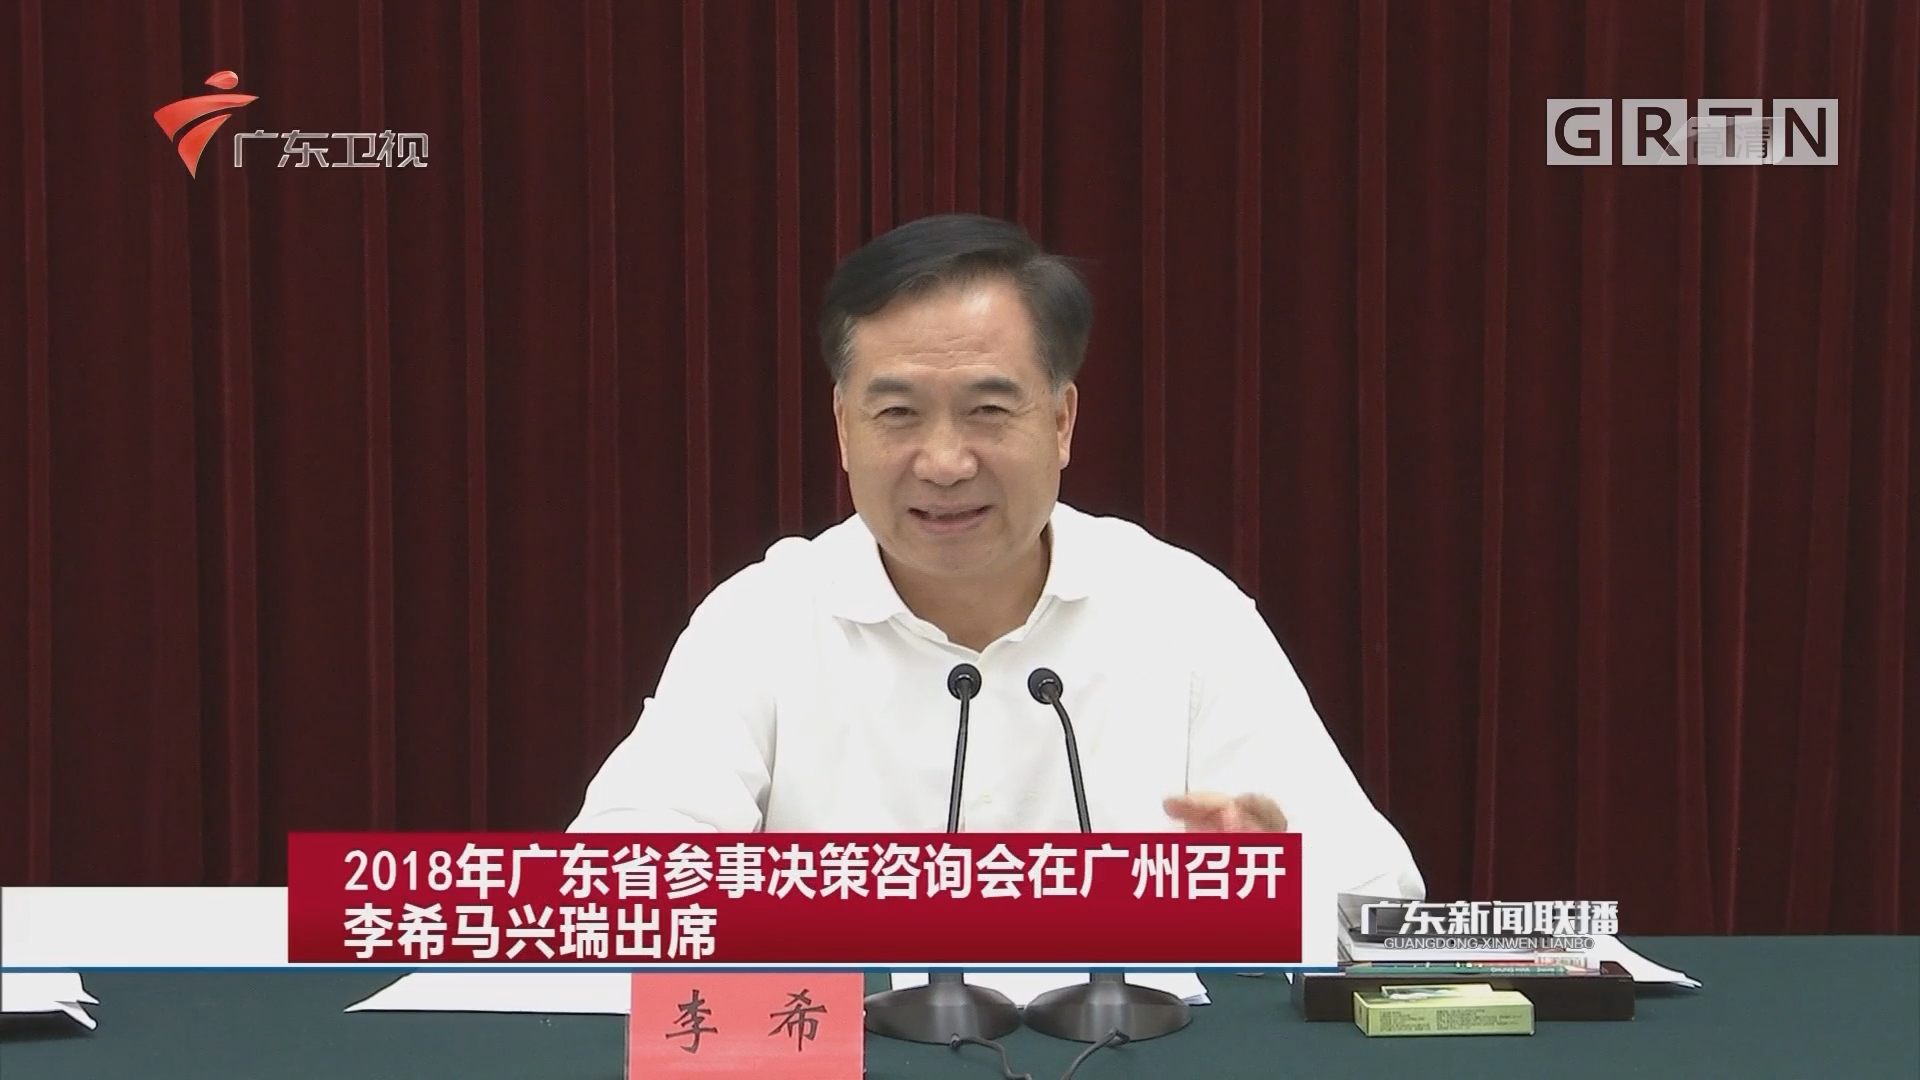 2018年广东省参事决策咨询会在广州召开 李希马兴瑞出席